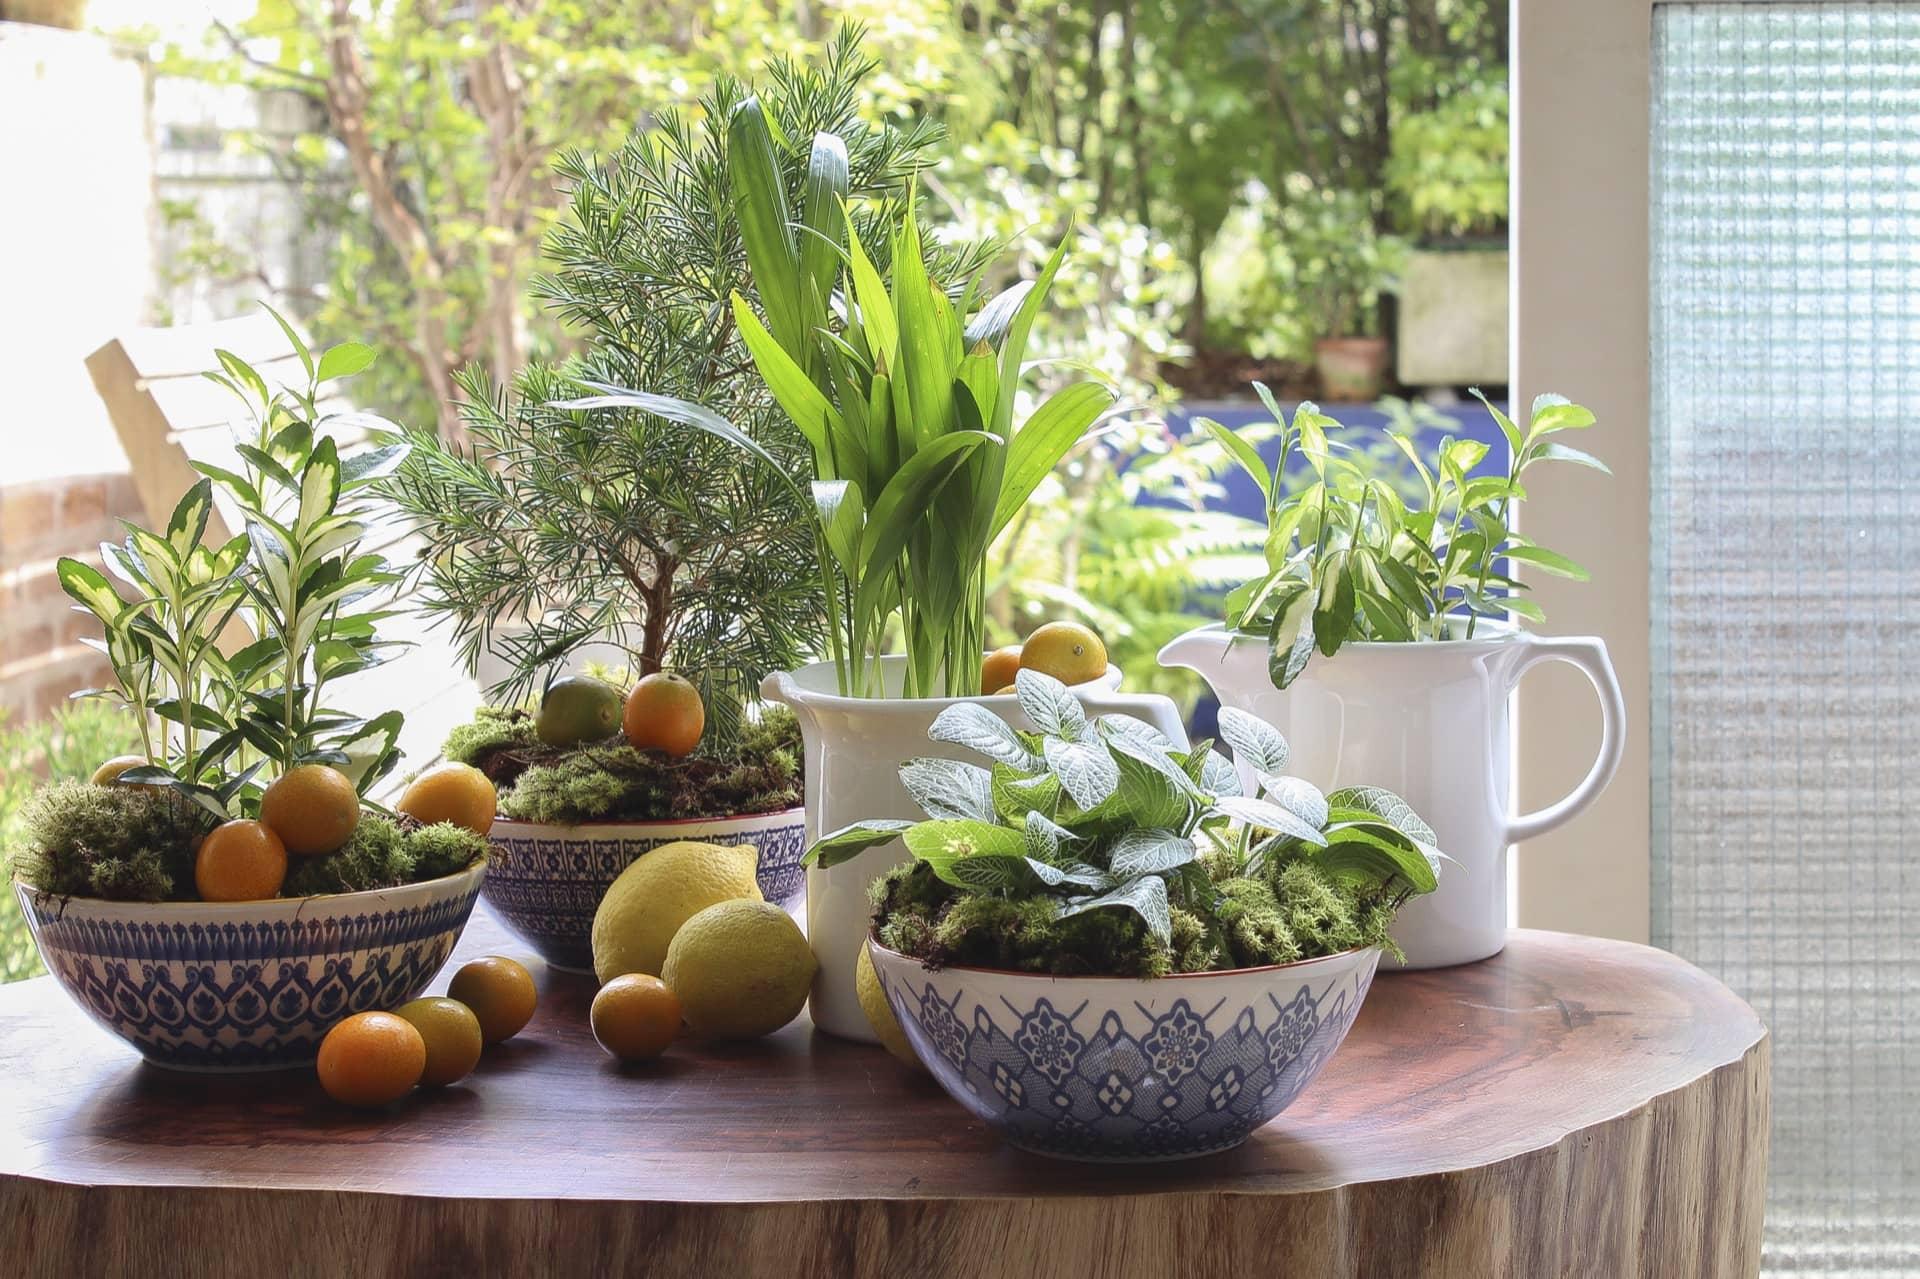 Imagem: Os bowls com estampas diferentes servem de cachepô para os vasinhos verdes. Para dar acabamento, cubra os vasos com musgo verde. Distribua limões sicilianos e laranjinhas Kinkã pelos arranjos e sobre a mesa, para dar um toque de frescor Da esq. para a dir.: Tigela Full La Carreta, Tigela Full Mexican, Tigela Full Ladrilho, todas da Oxford.Foto: Cacá Bratke